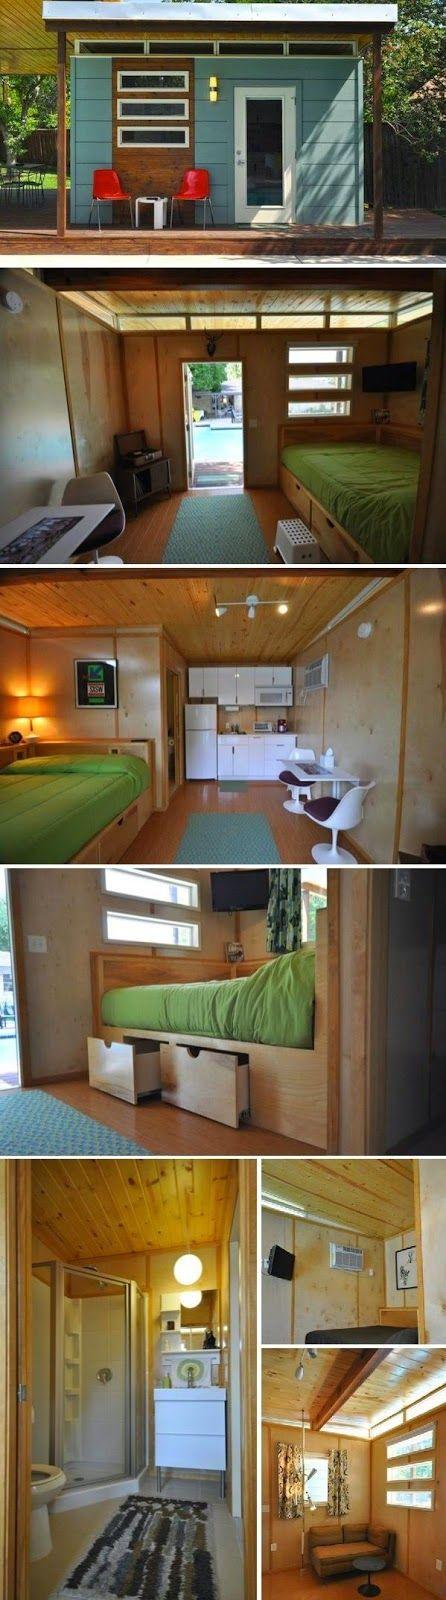 rumah bungalow dan interiornya